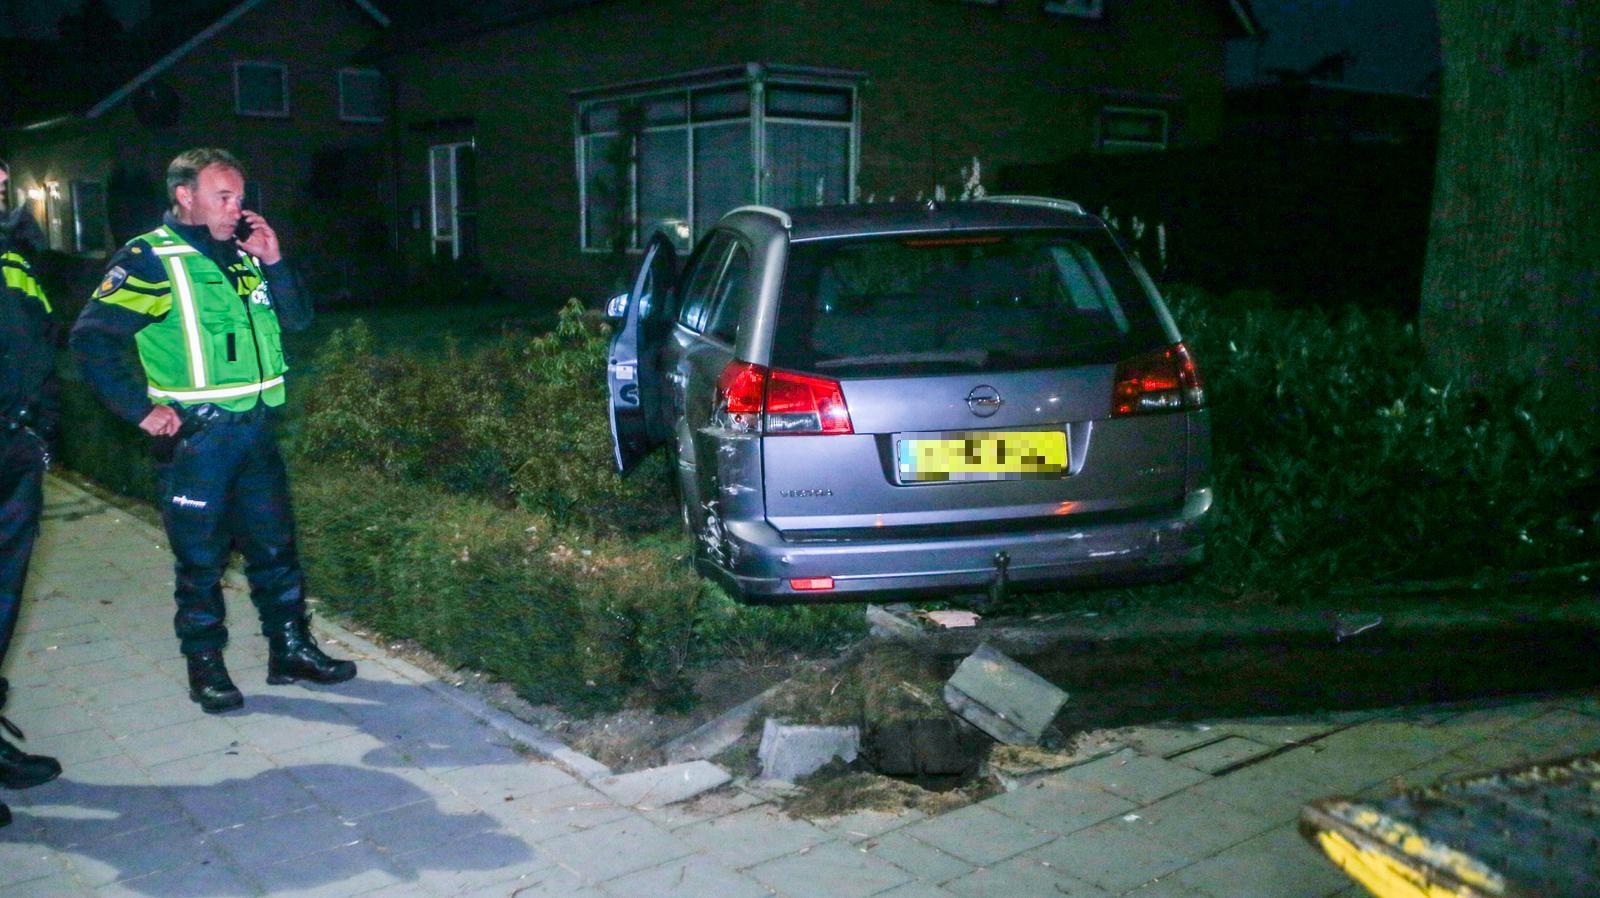 Nadat een man in Helmond door een brievenbus had geschoten, vluchtte hij met een handlanger. Tijdens een wilde achtervolging sprong zijn passagier uit de auto en overleed. De wagen eindigde in een tuin in Deurne.